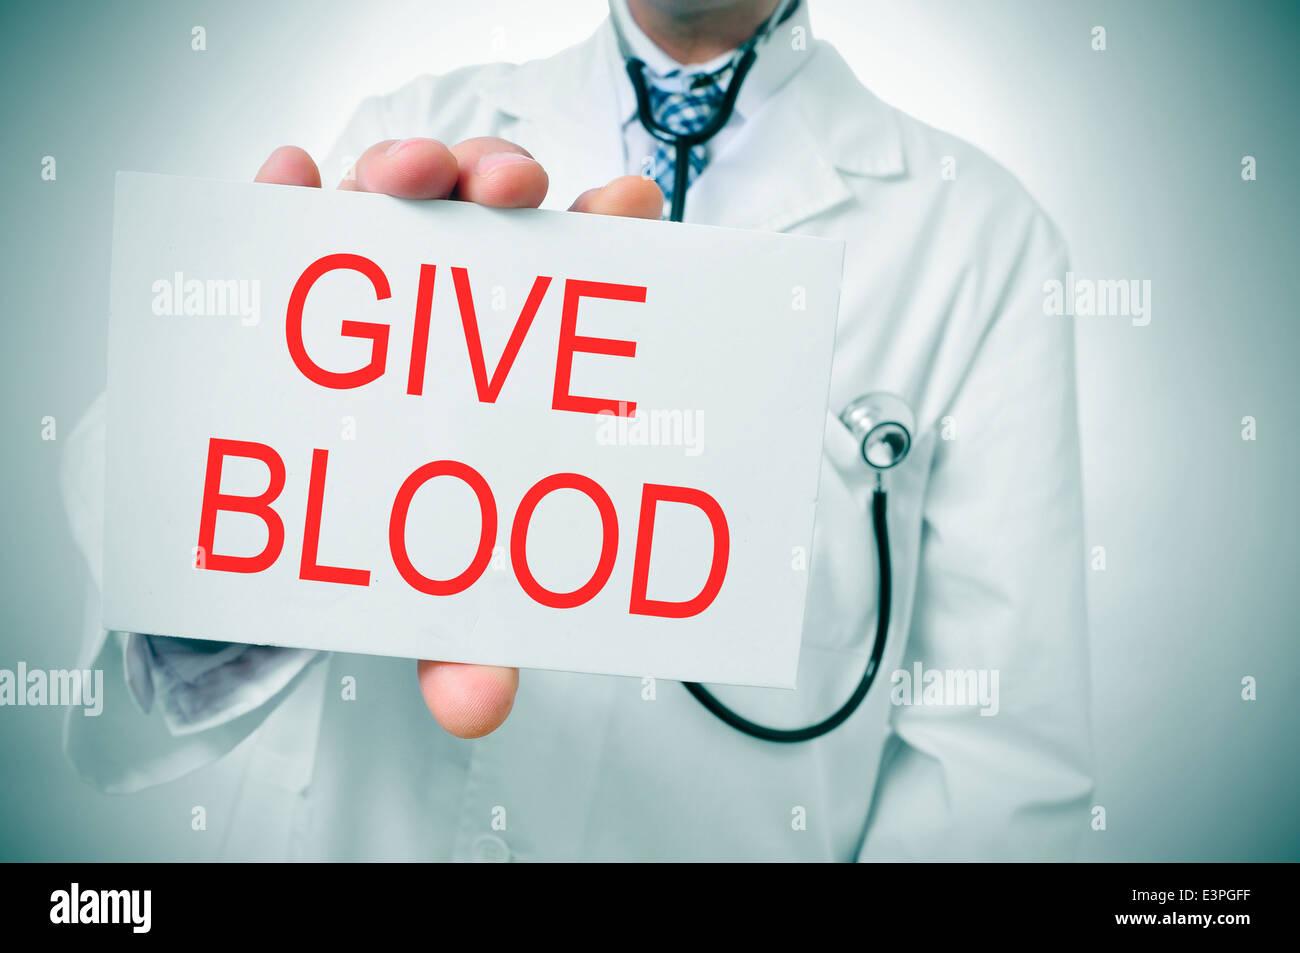 ein Arzt zeigt ein Schild mit dem Satz geben Blut geschrieben Stockbild